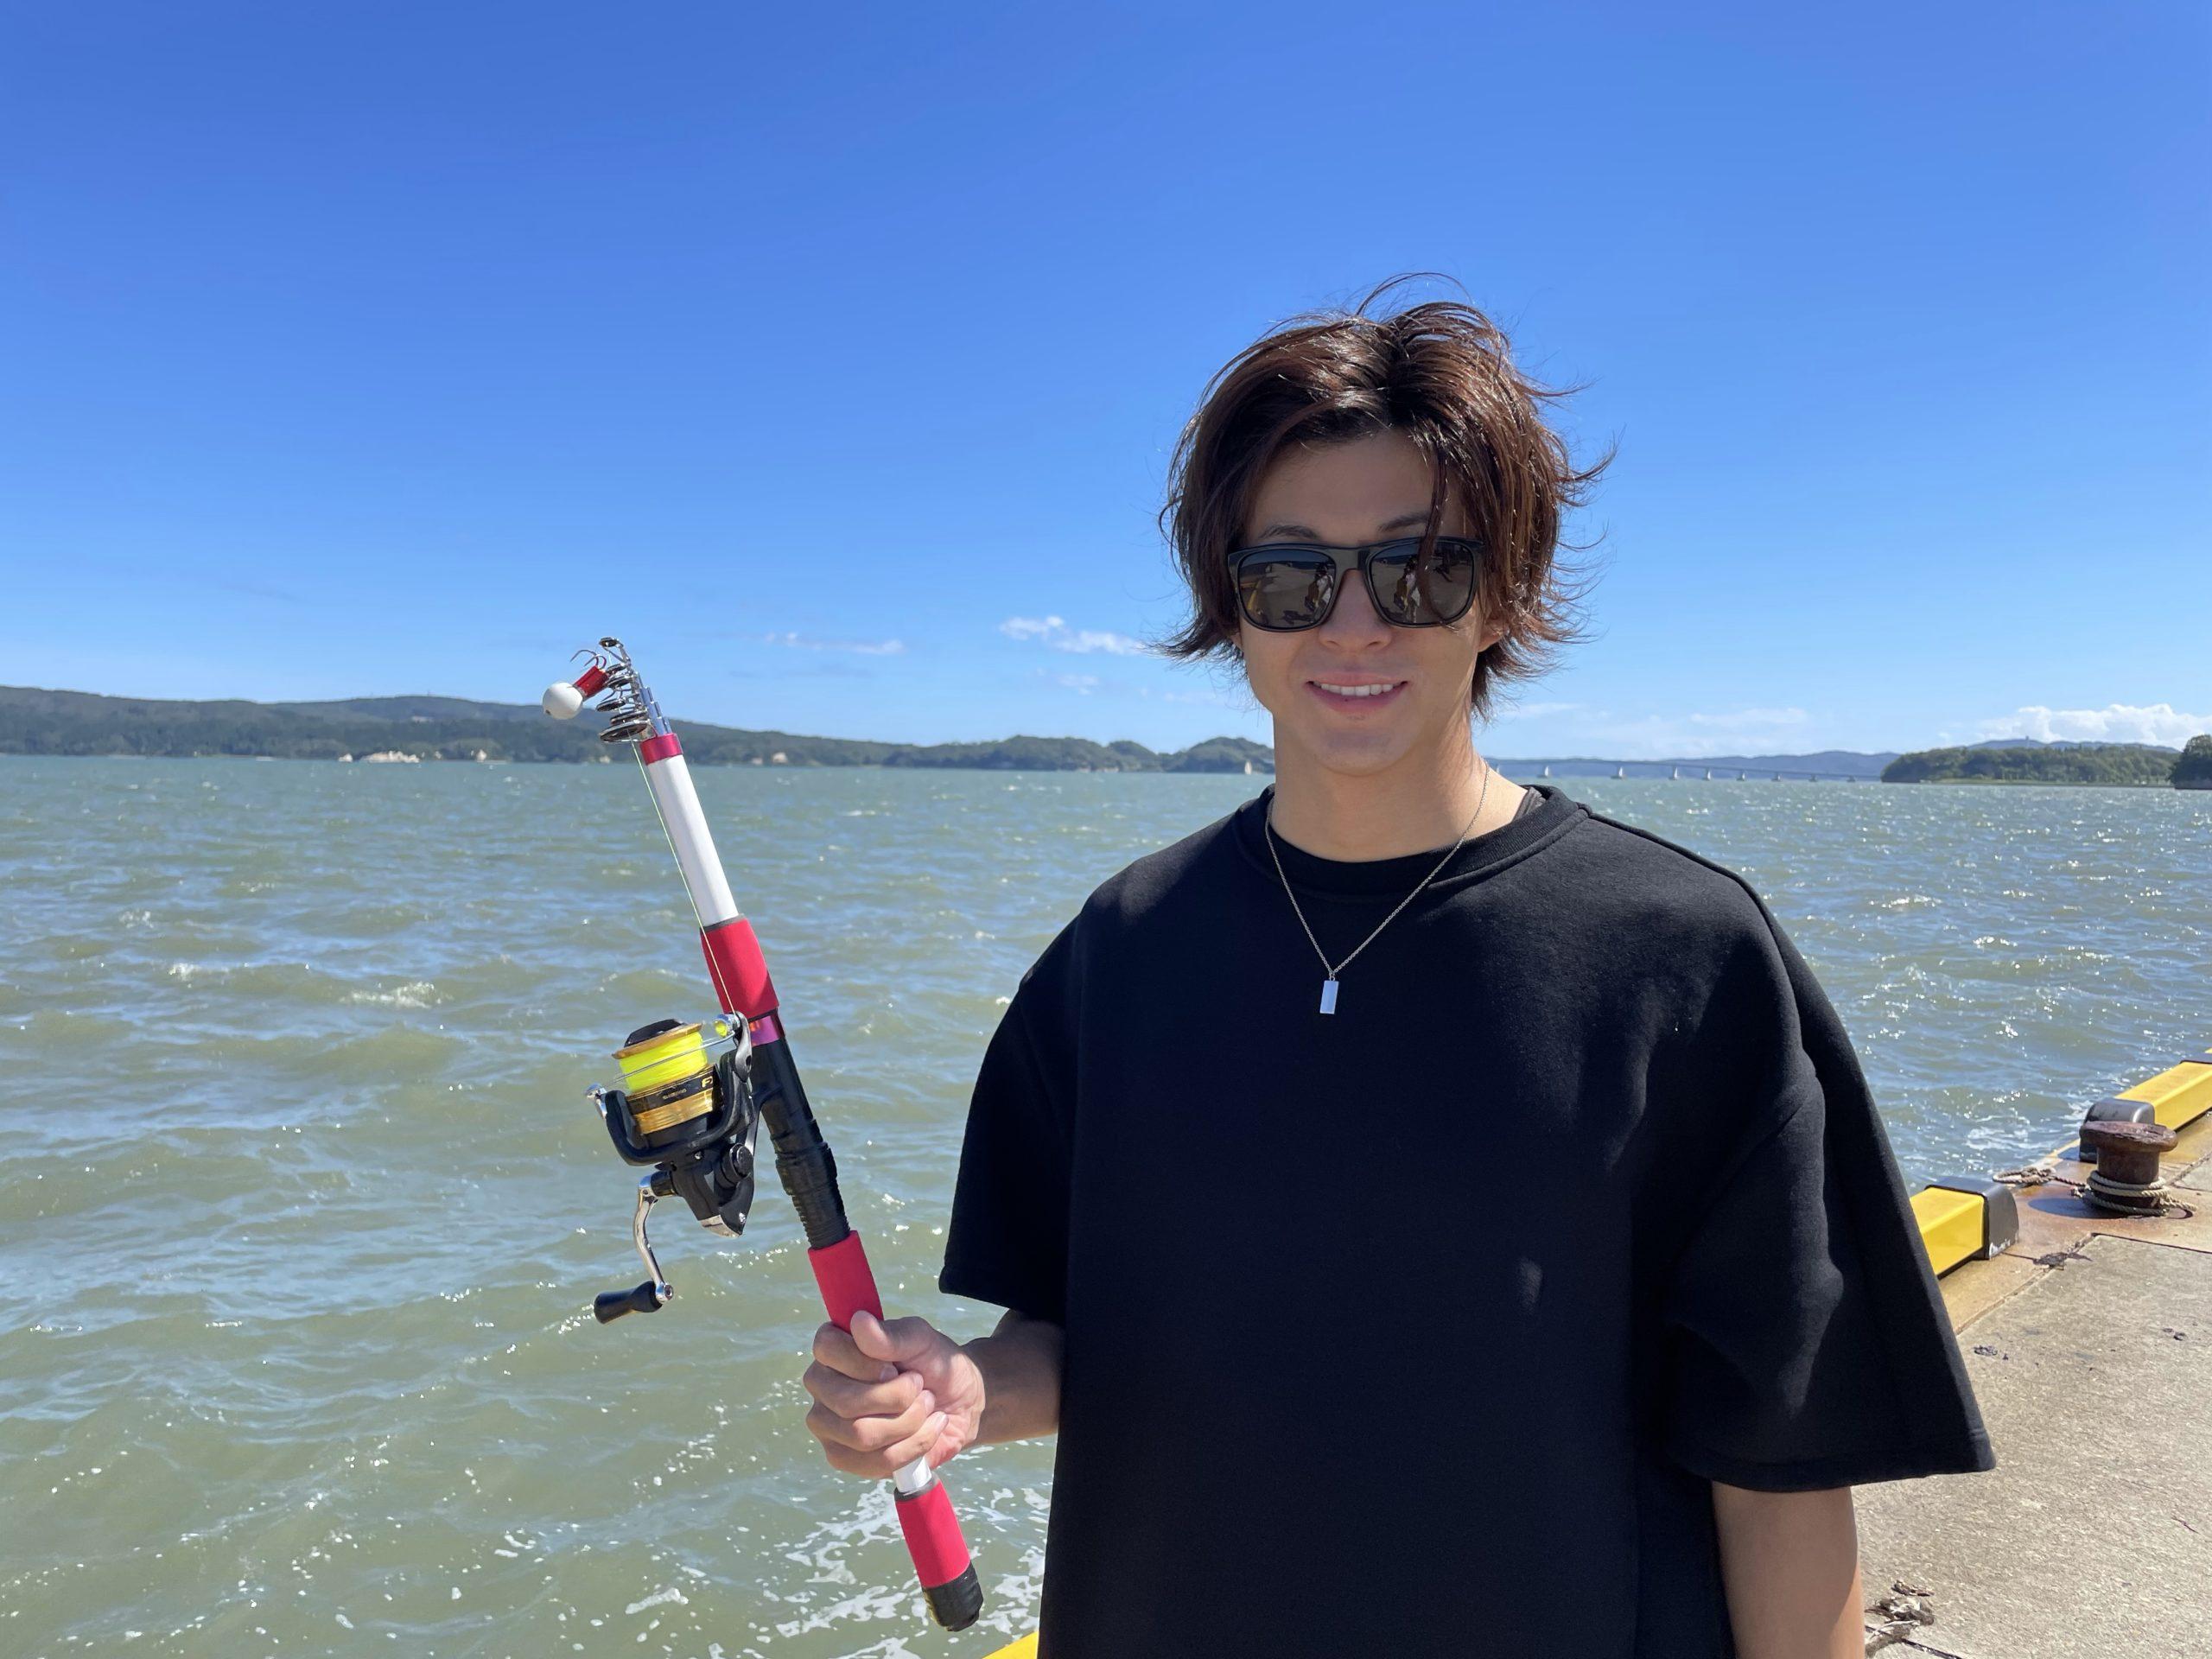 和倉温泉観光協会の貸竿で「手ぶらで堤防タコ釣り」【七尾市 和倉港】